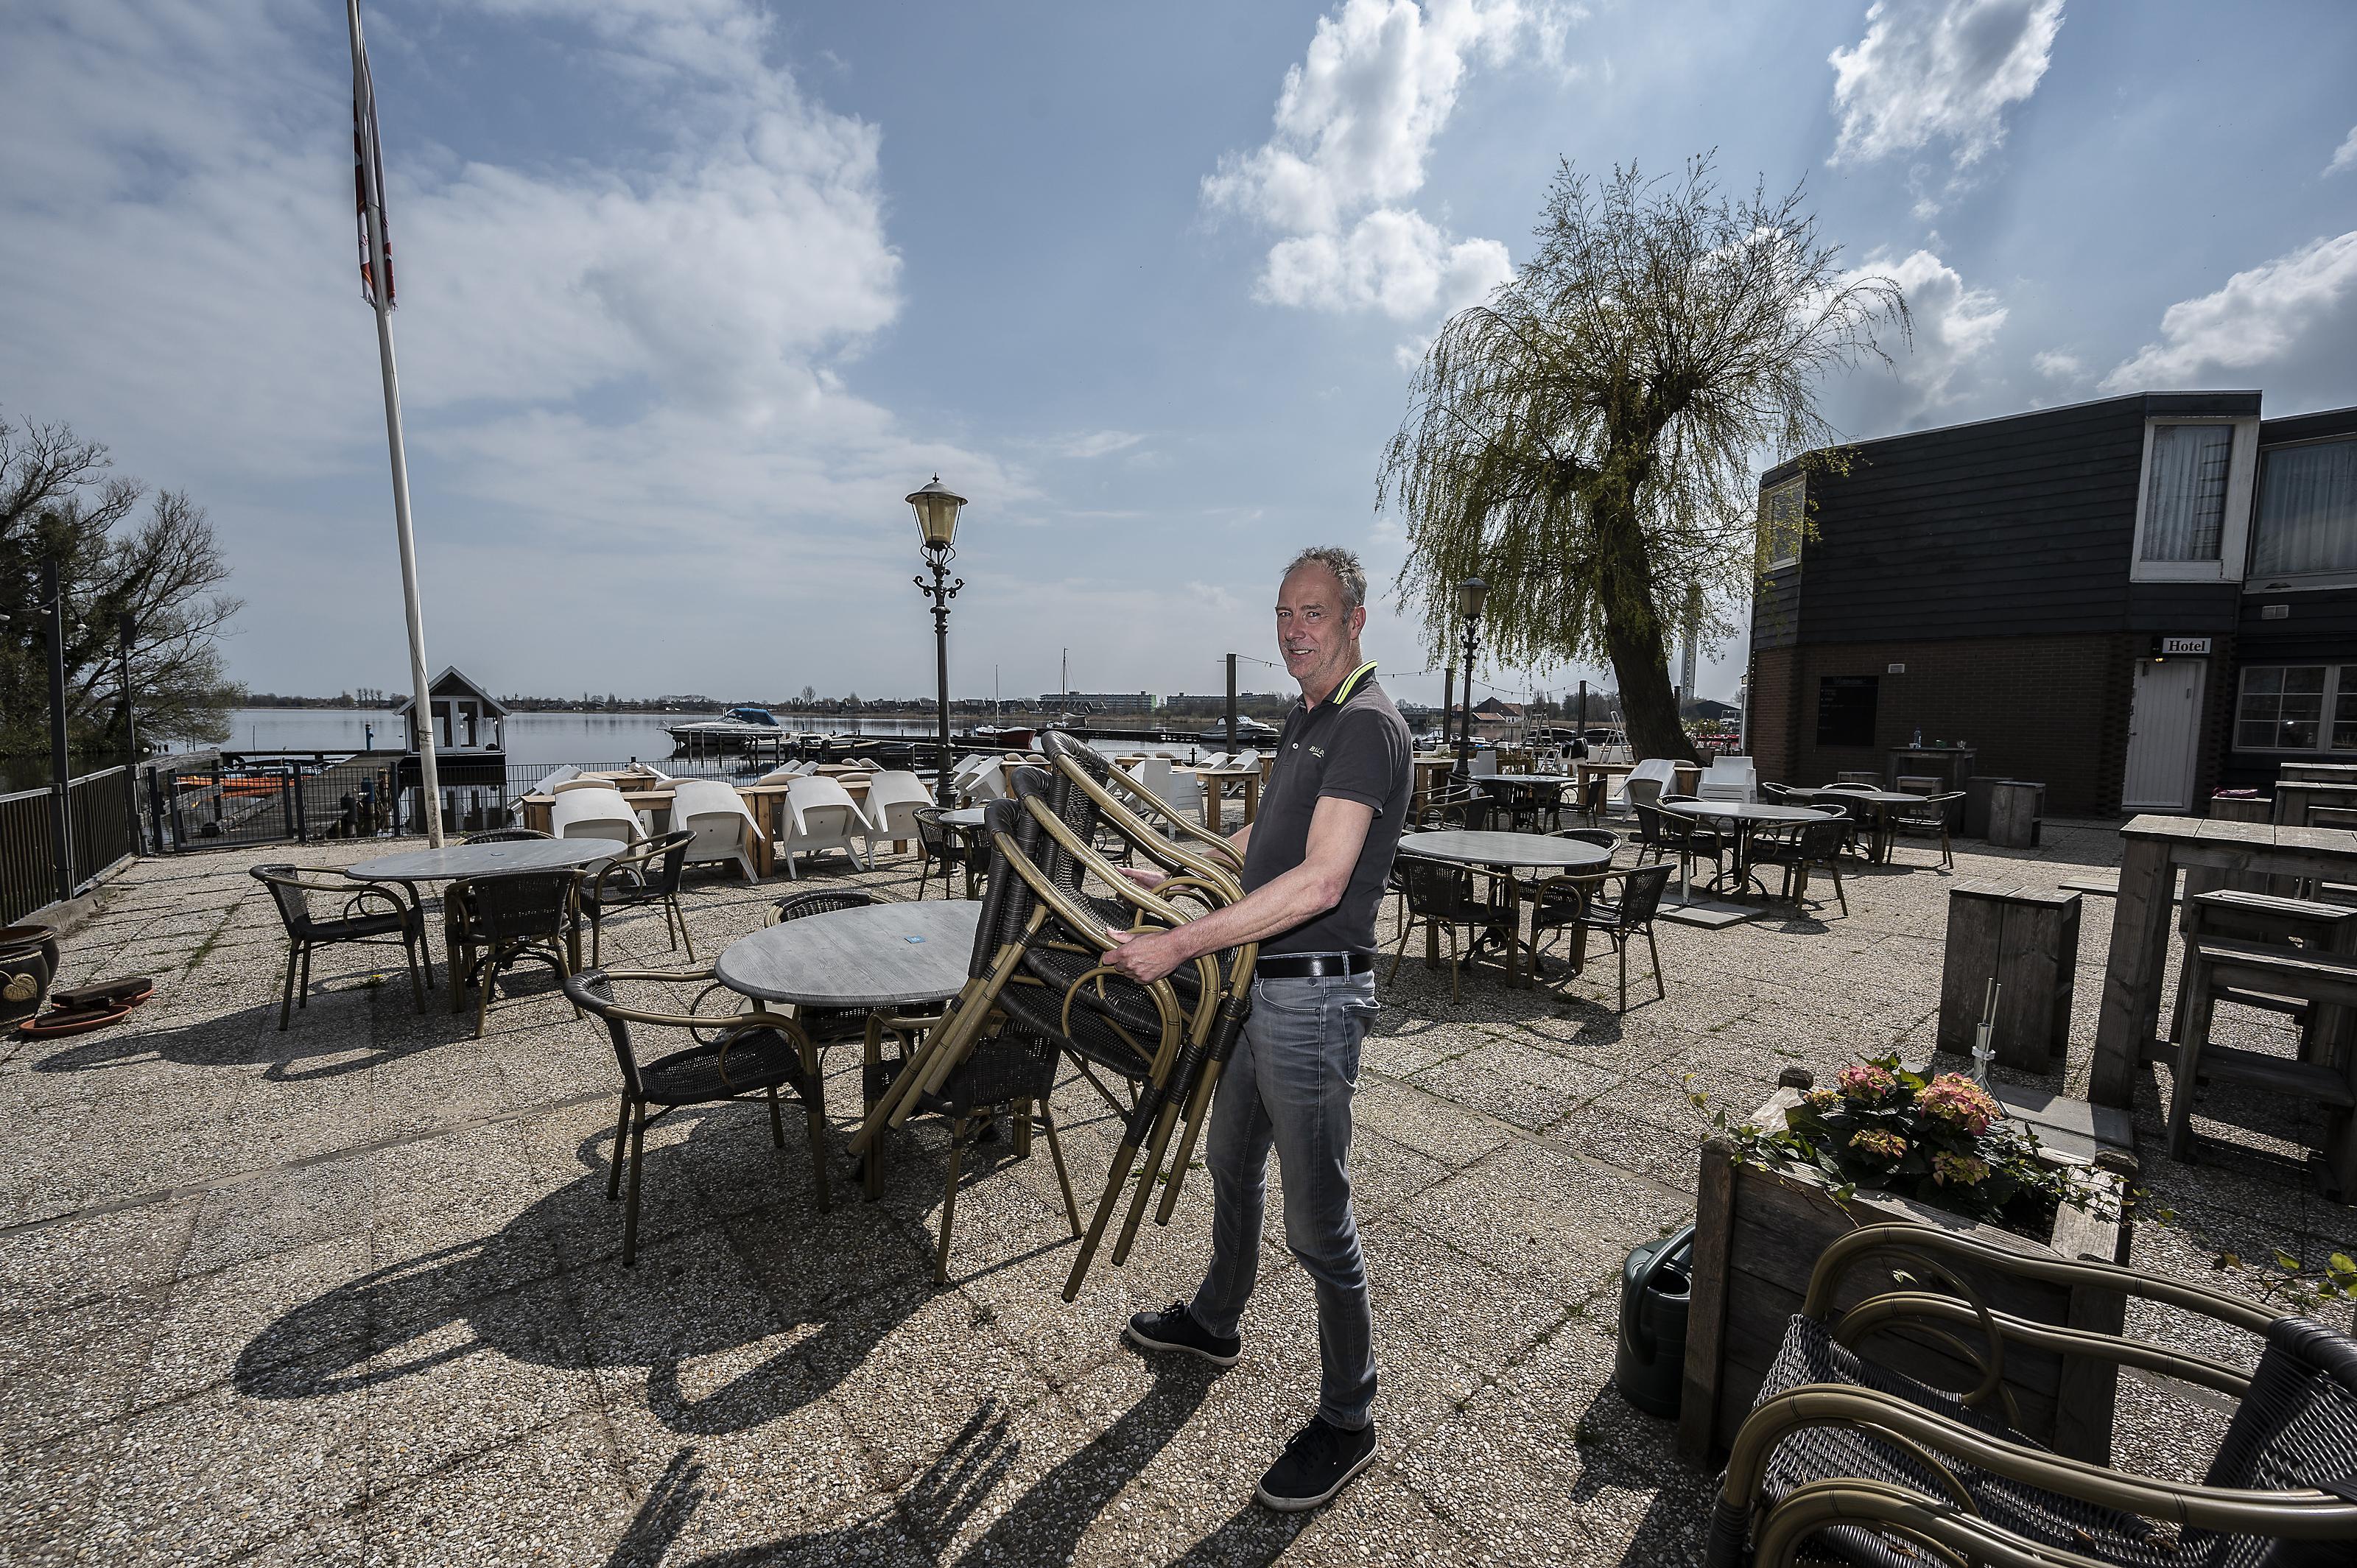 Ernst van 't Hof is blij dat z'n terras weer open mag: 'Alcohol schenken mag, dat is een meevaller'